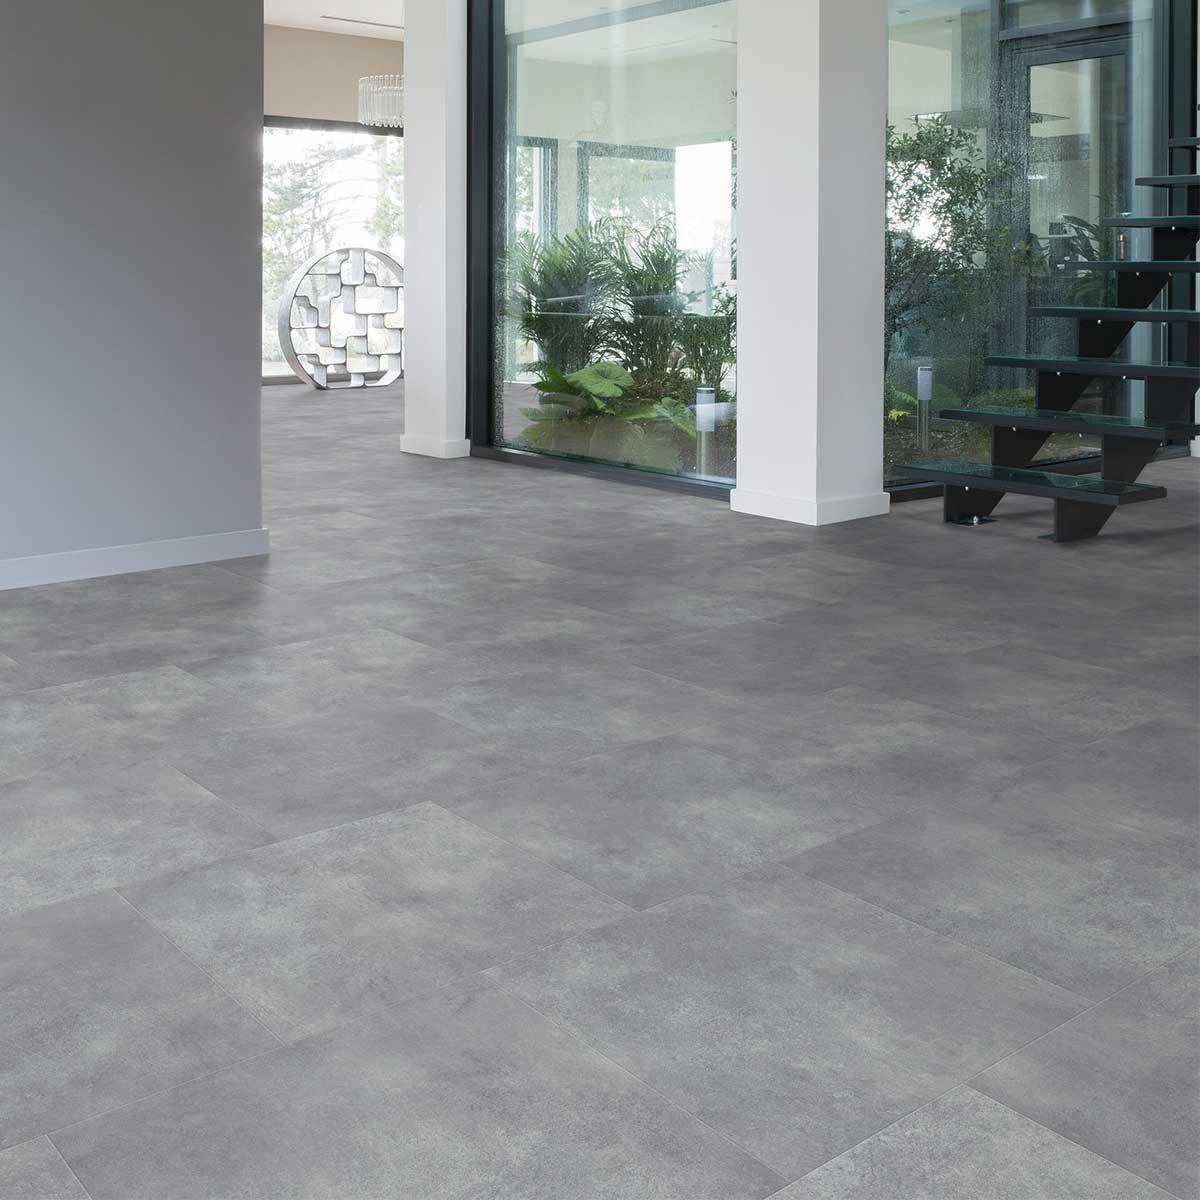 Pavimento In Pvc Effetto Legno pavimento pvc grigio cemento gelong - bagni e pavimenti